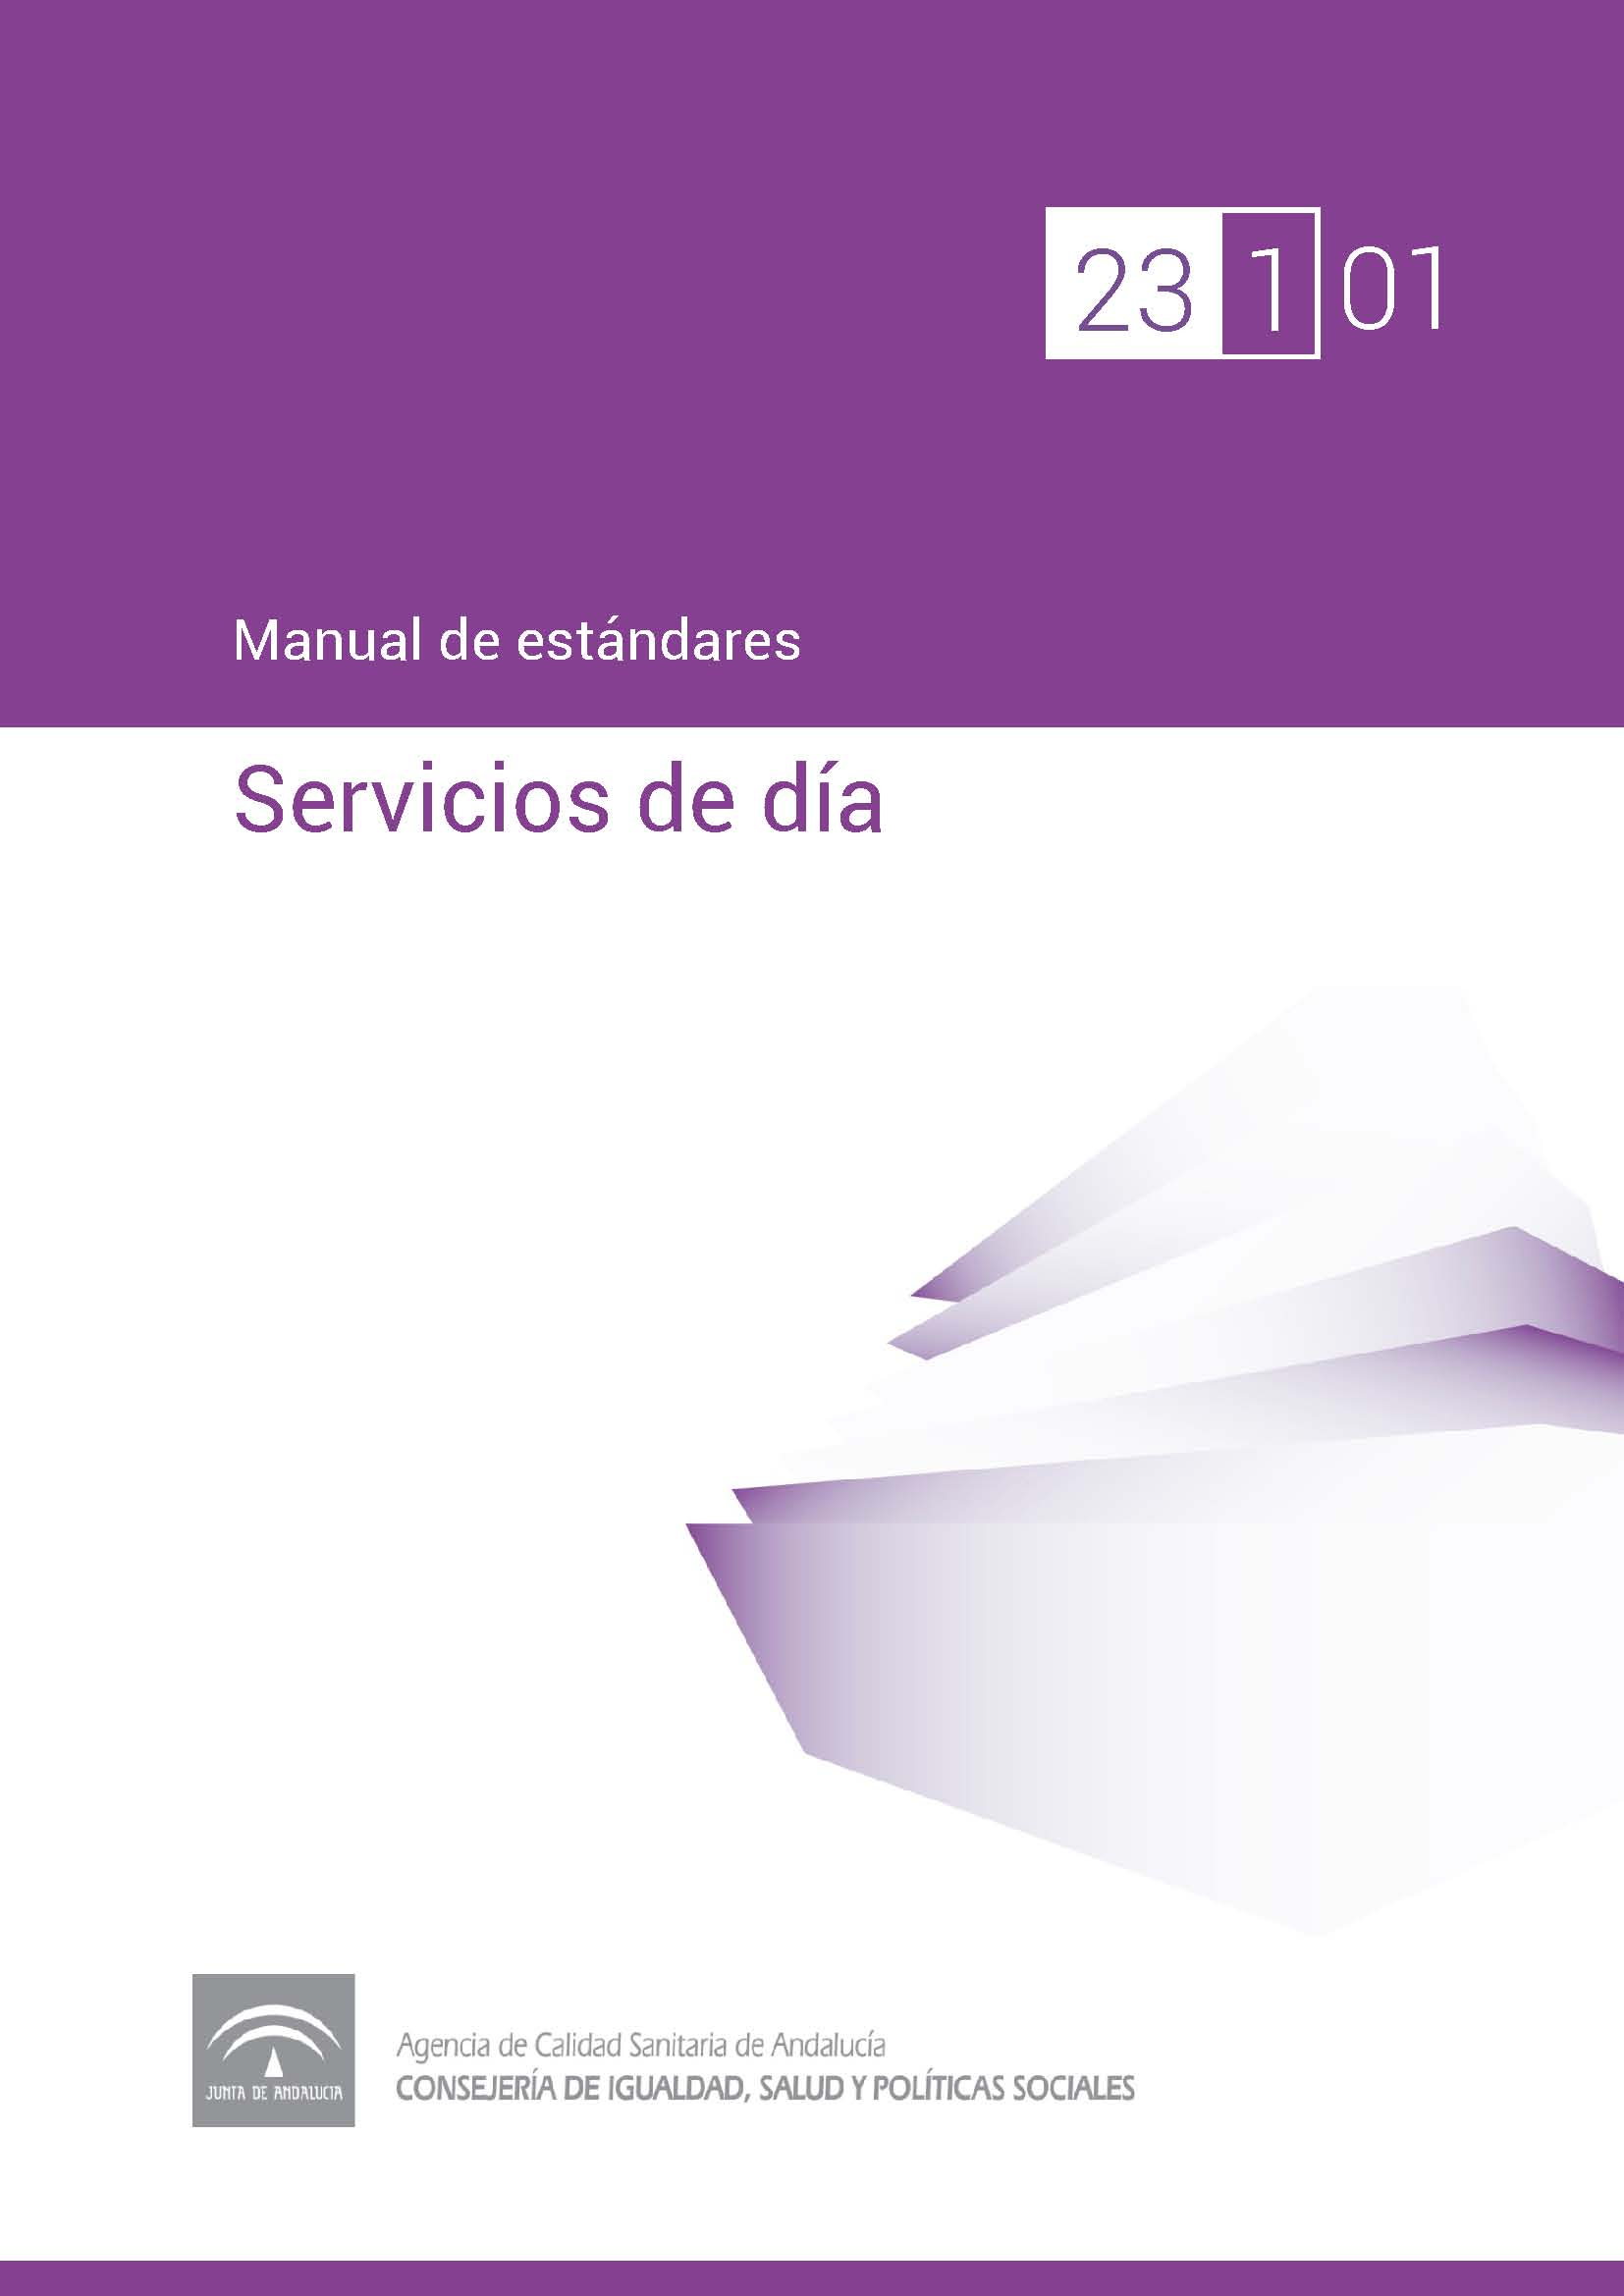 Manual de Estándares Servicios de día